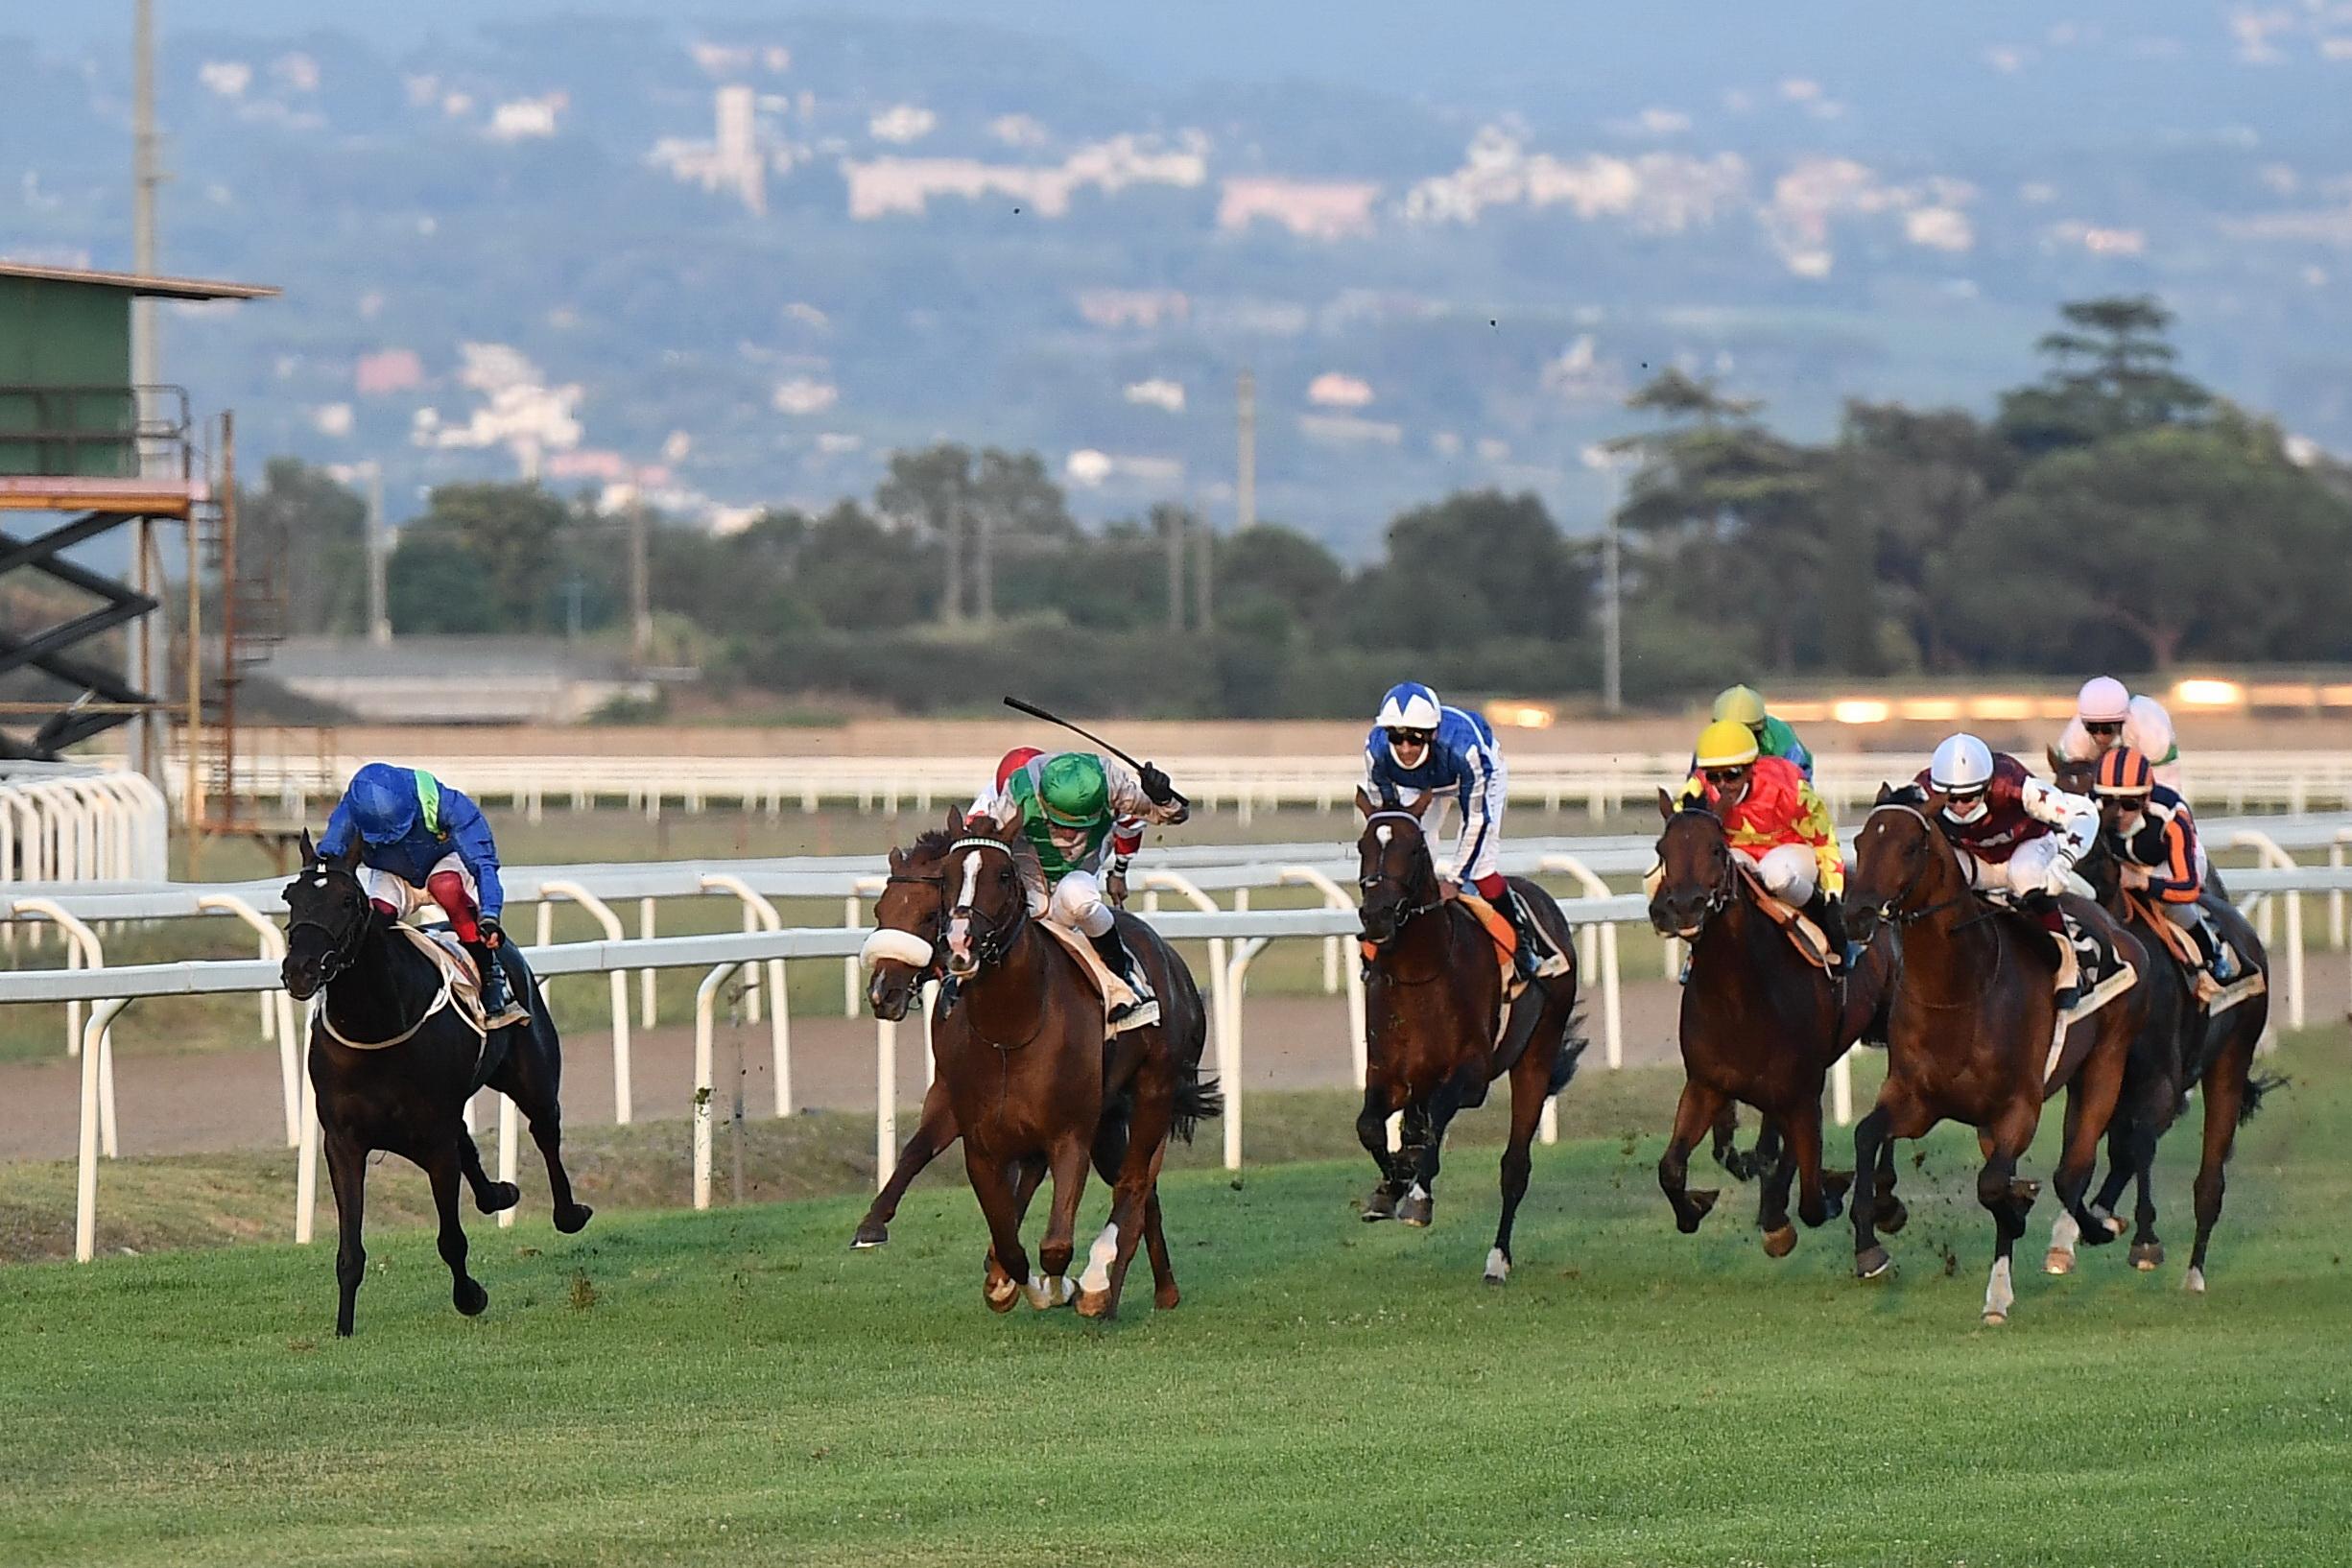 Corse regolari: oggi a Follonica due corse per cavalli anglo-arabi